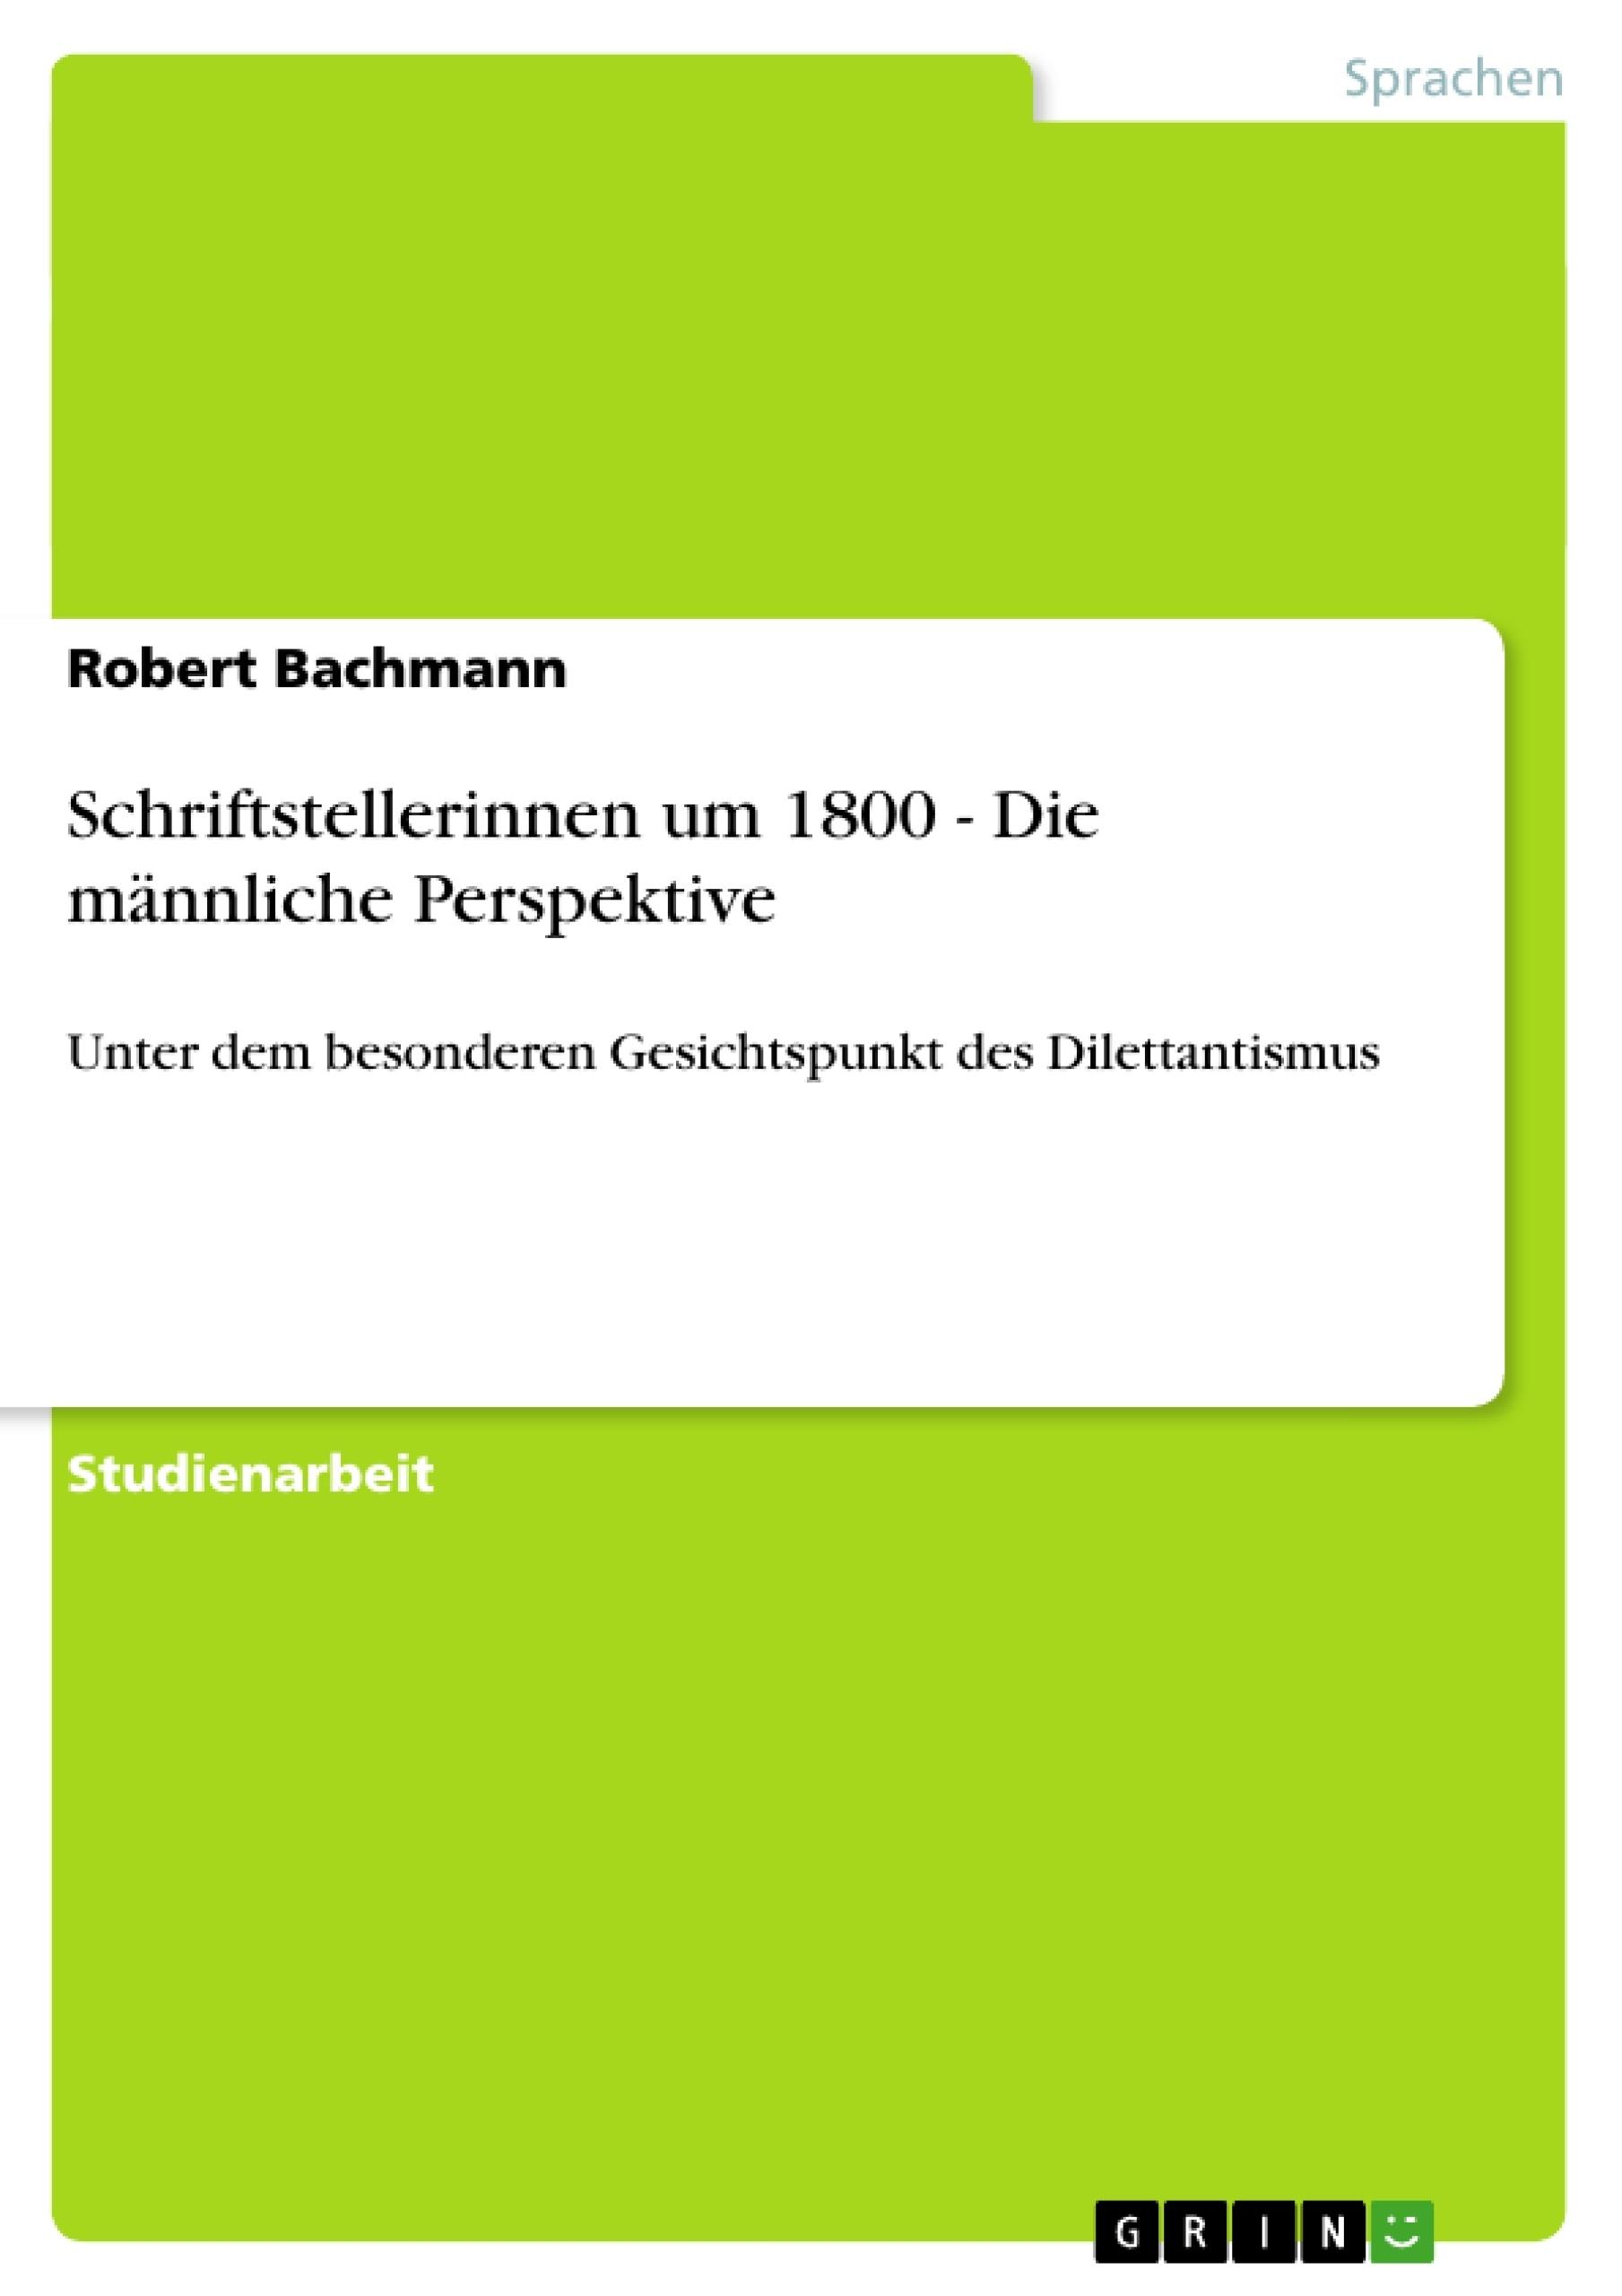 Titel: Schriftstellerinnen um 1800 - Die männliche Perspektive